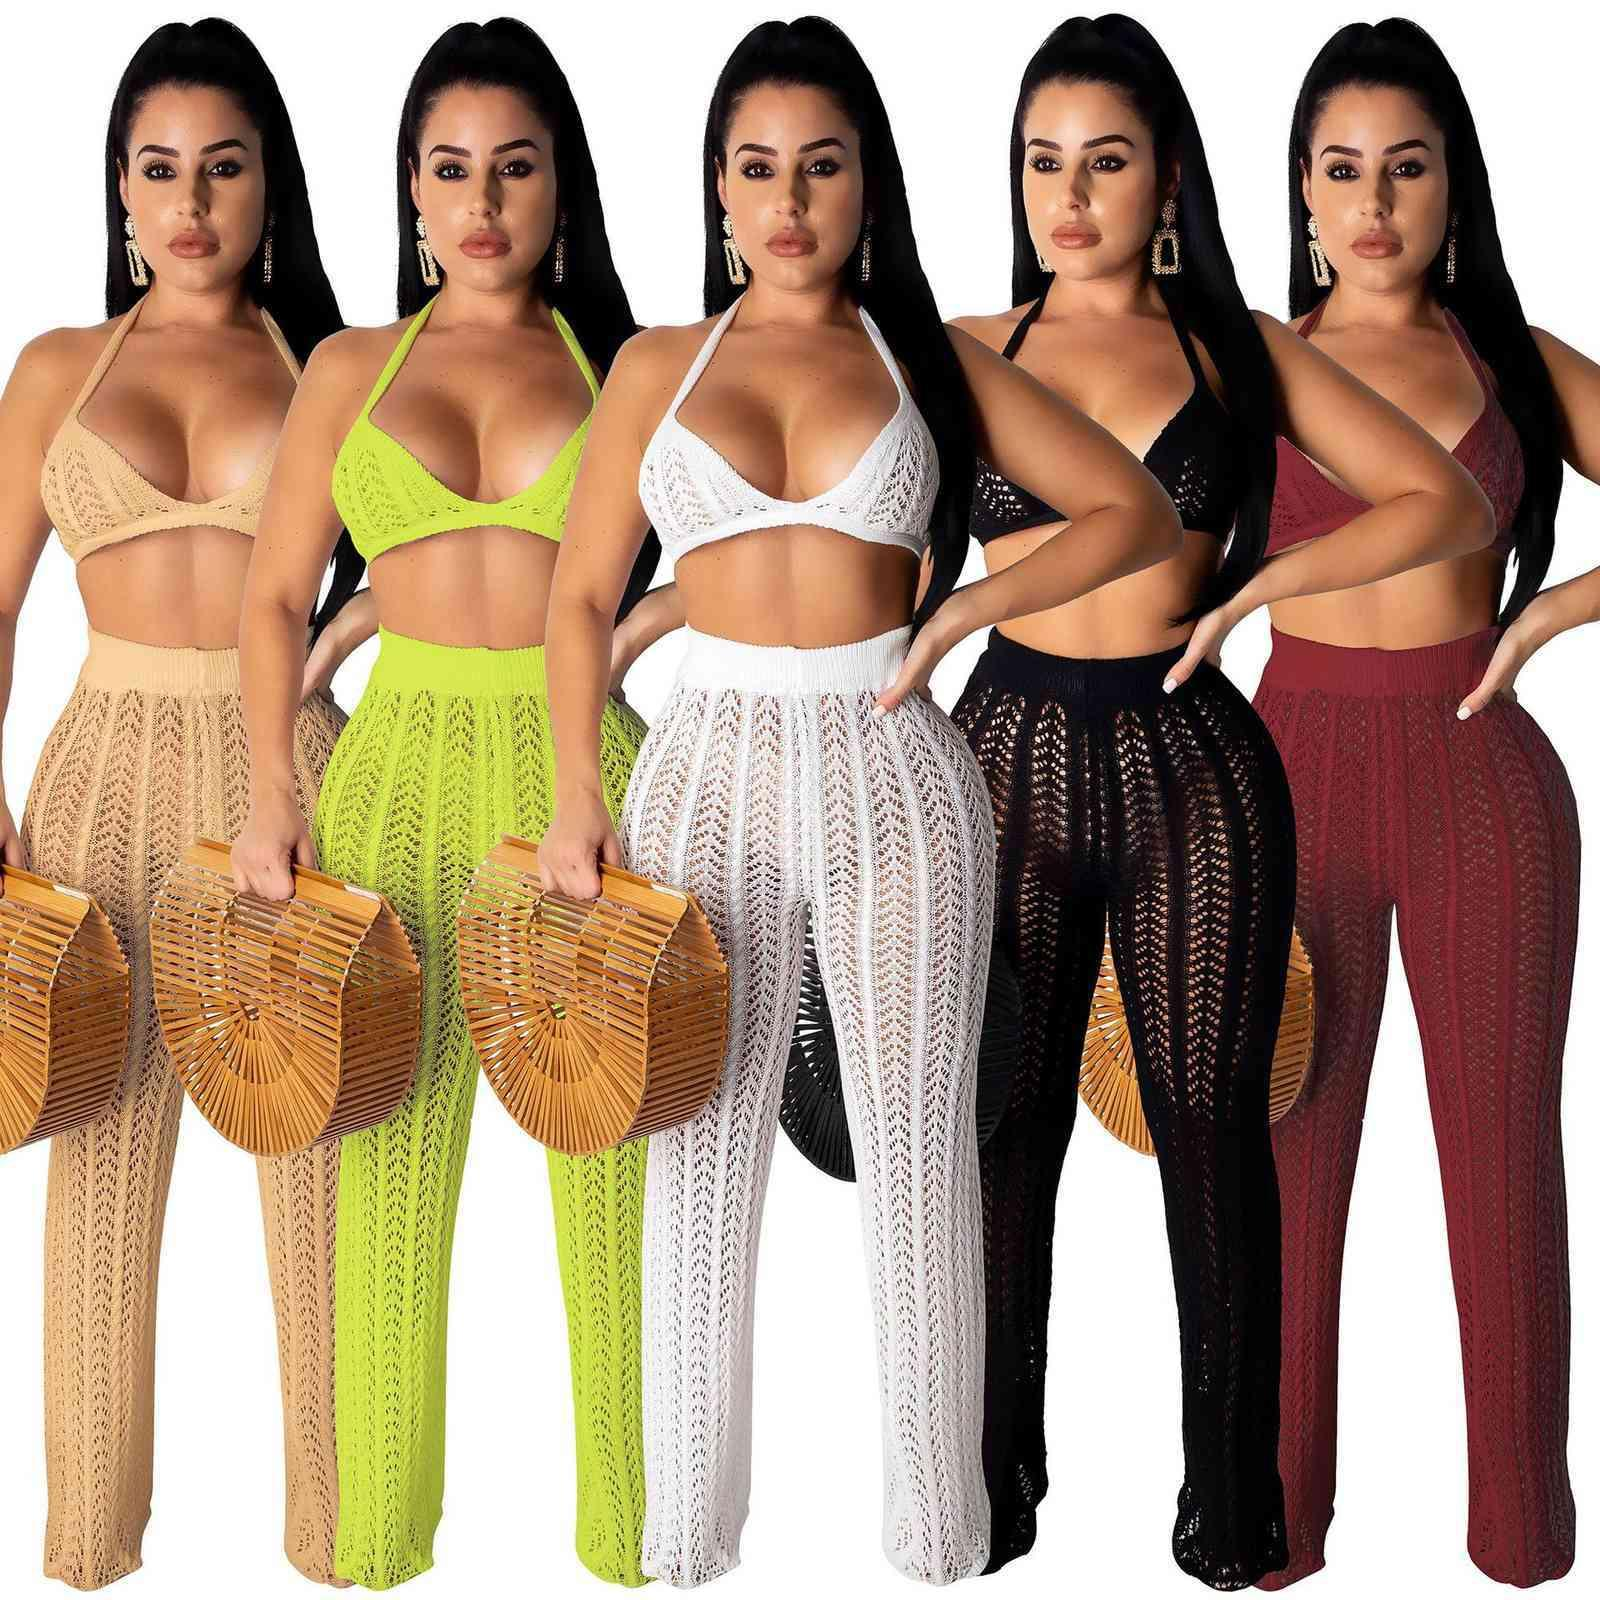 2021 Sommer Die neue Auflistung sexy frauen mode designer kleidung gestrickte mesh aushöhlen perspektive zwei stück anzug